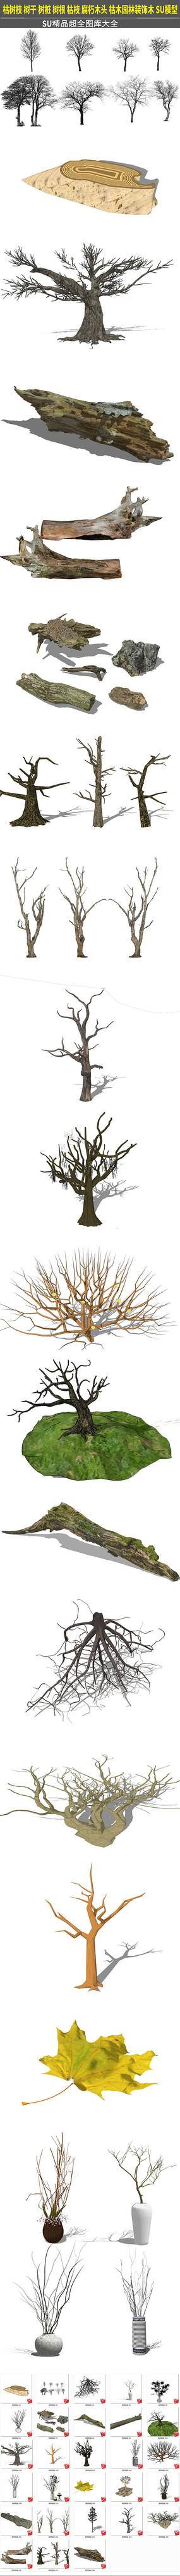 枯树树根装饰木SU模型 skp